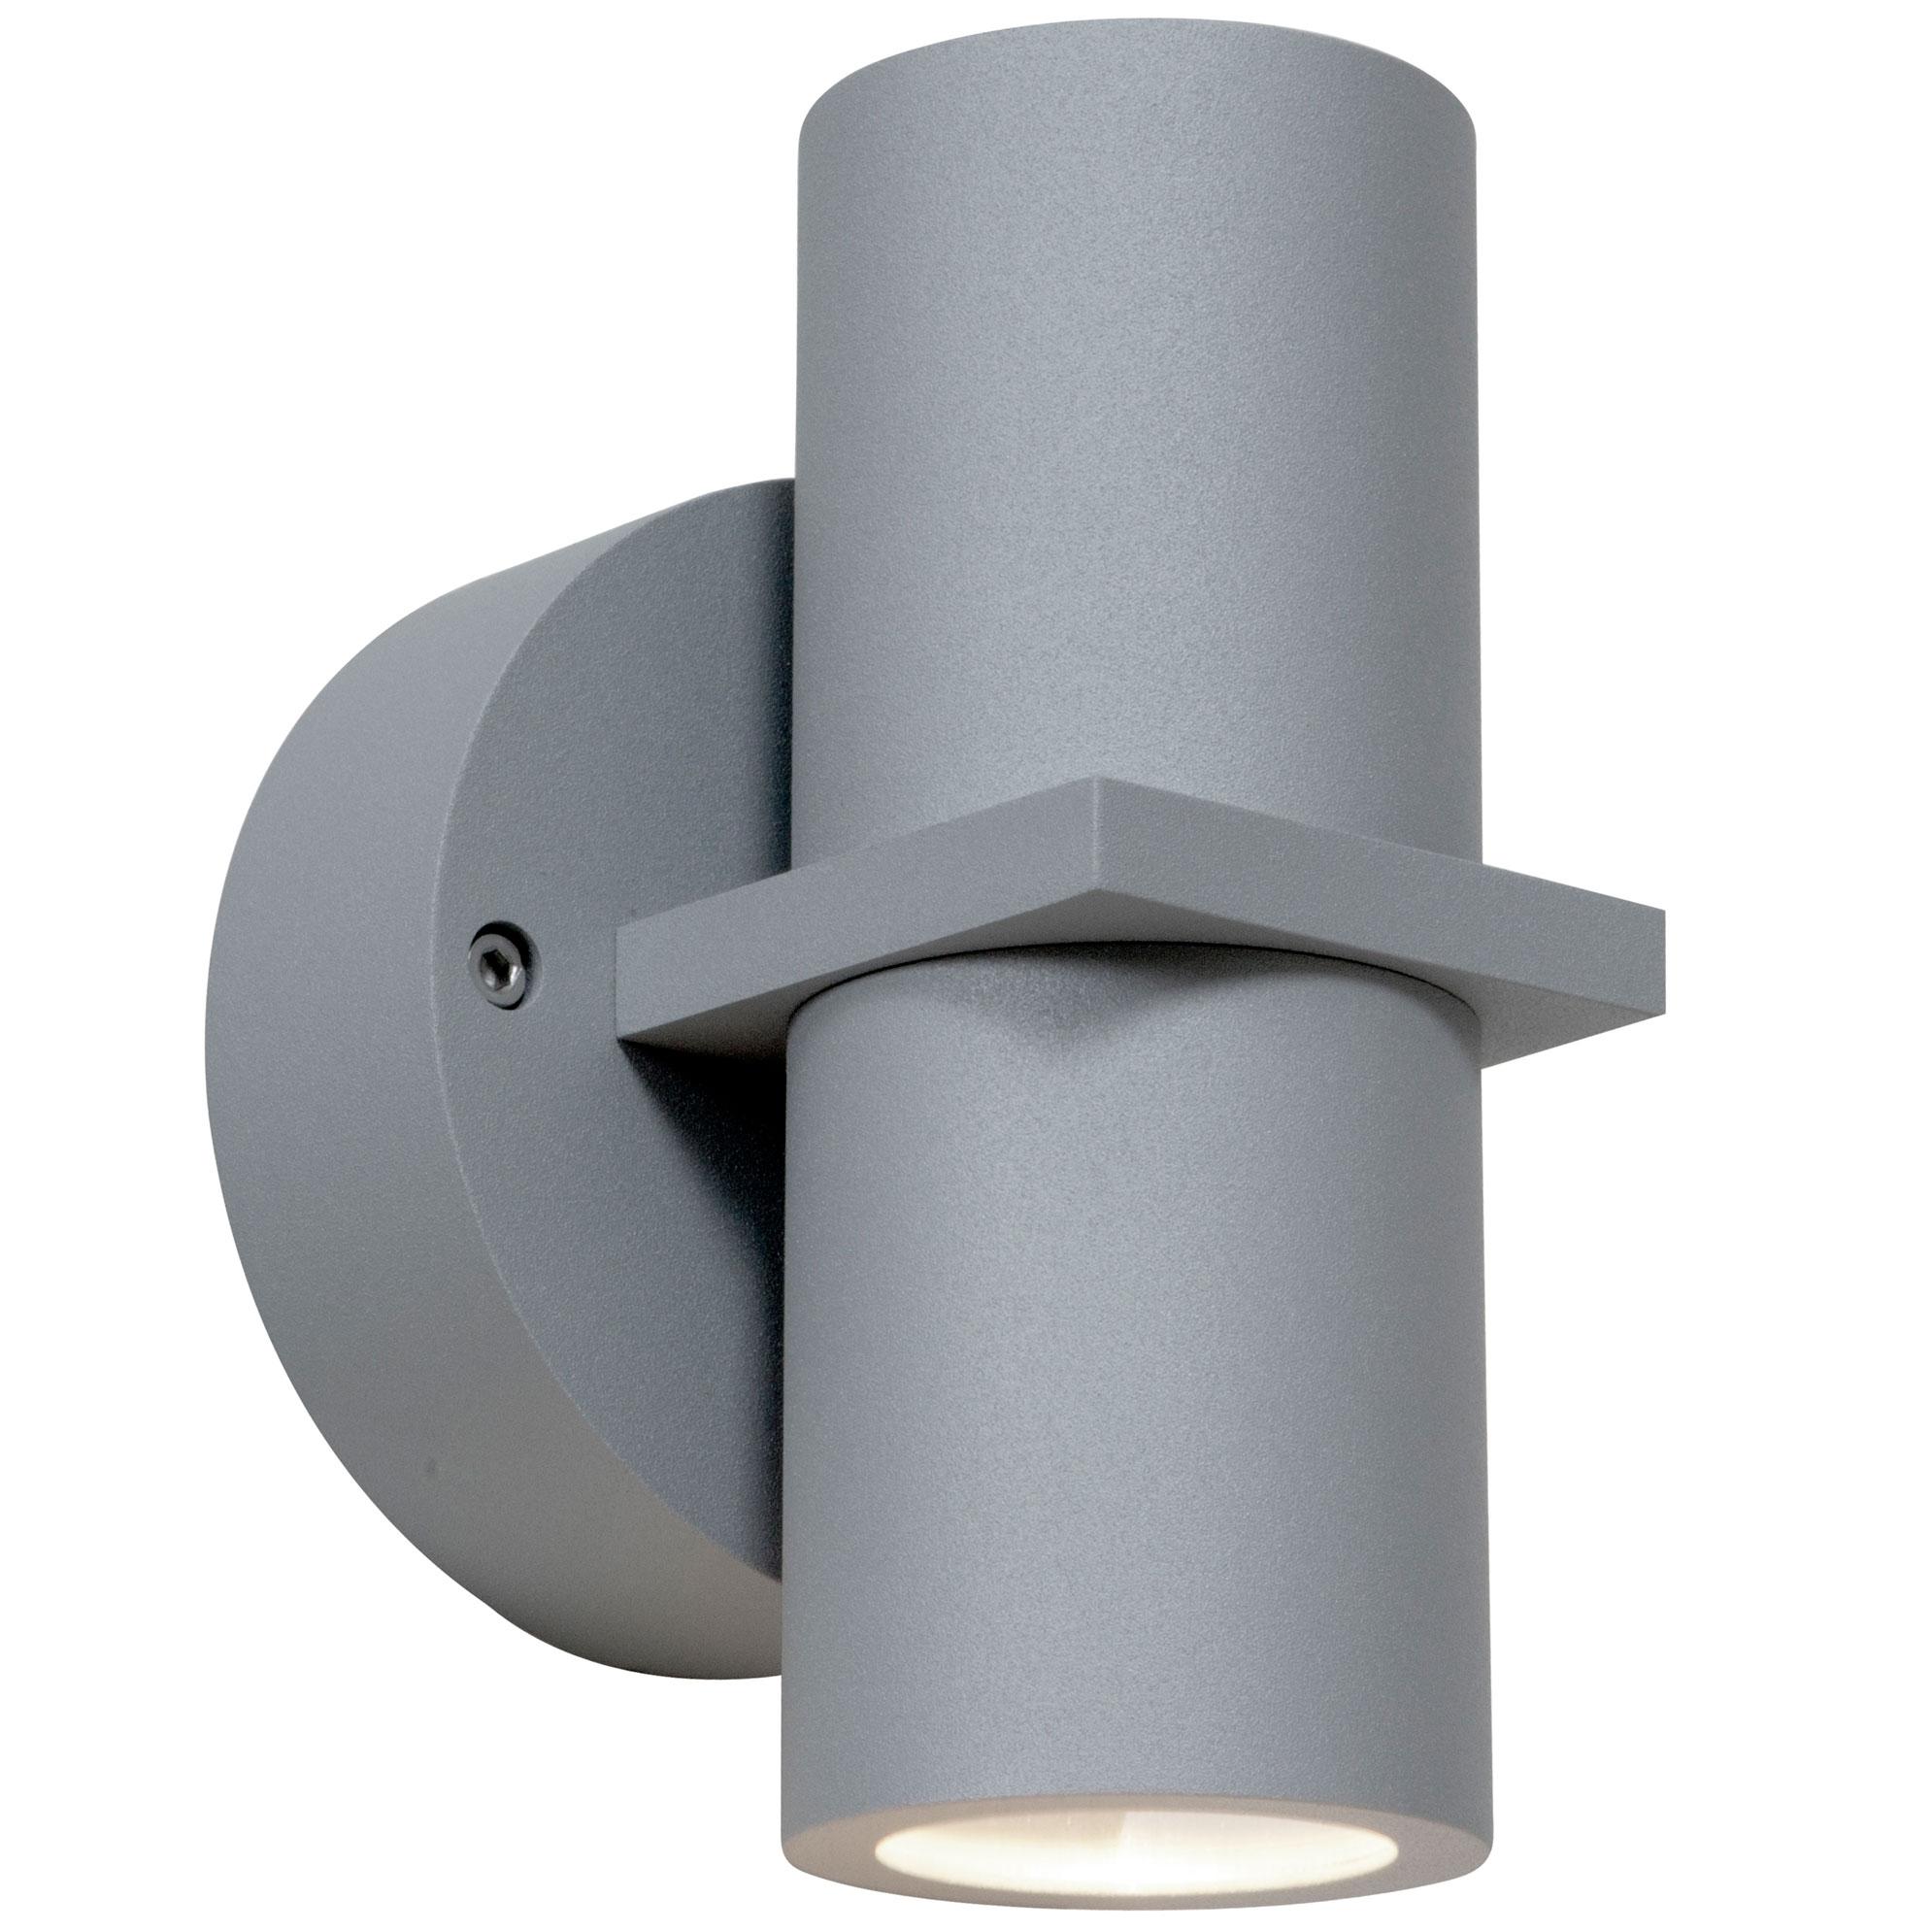 sc 1 st  Lightology & KO 52 Dual Spot Outdoor Wall Light by Access | 20352MG-SAT/CLR